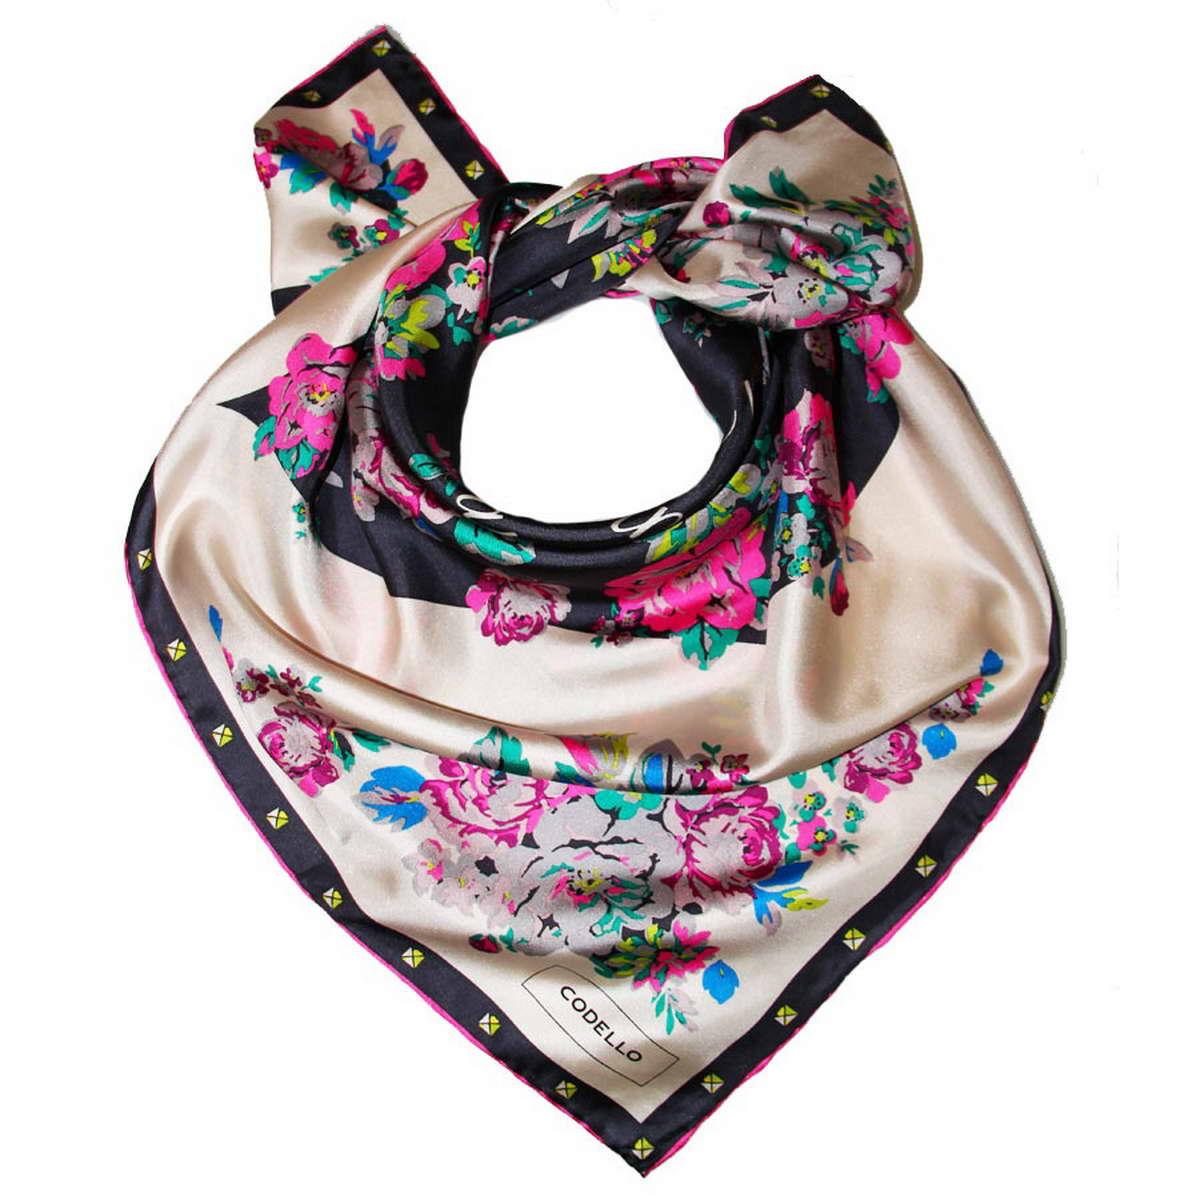 Платок женский Codello, цвет: светло-бежевый, мультиколор. 1800971-11. Размер 90 см х 90 см1800971-11Стильный женский платок Codello изготовлен из натурального шелка и оформлен оригинальным цветочным принтом.Классическая квадратная форма позволяет носить платок на шее, украшать им прическу или декорировать сумочку.Такой платок превосходно дополнит любой наряд и подчеркнет ваш неповторимый вкус и элегантность.